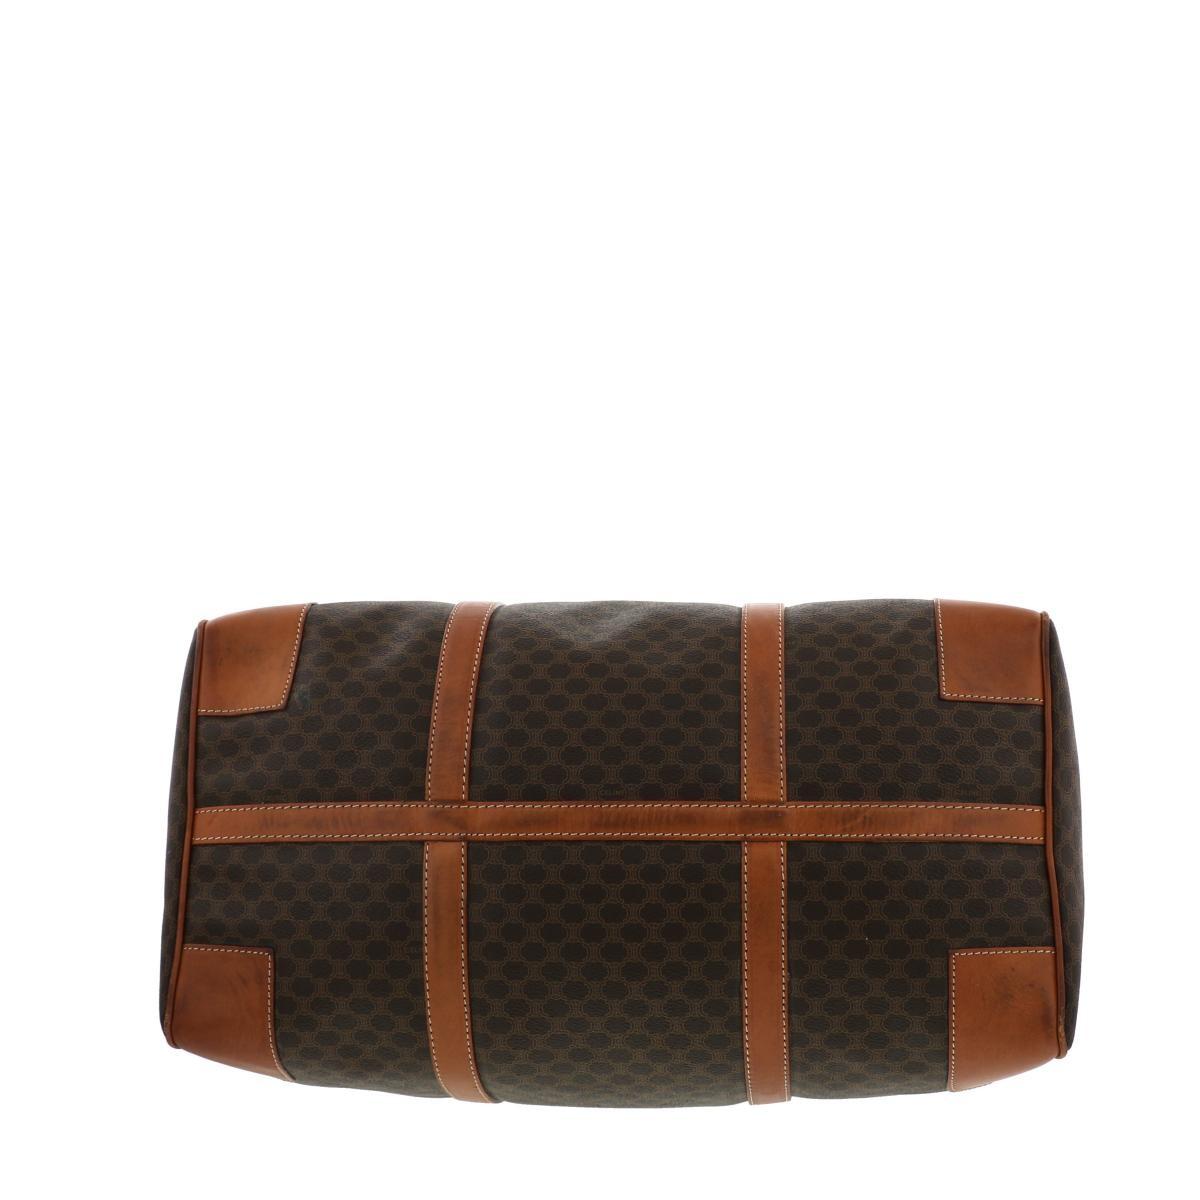 【中古】セリーヌ マカダム ボストンバッグ ブラウン CELINE Macadam Travel Bag Brown